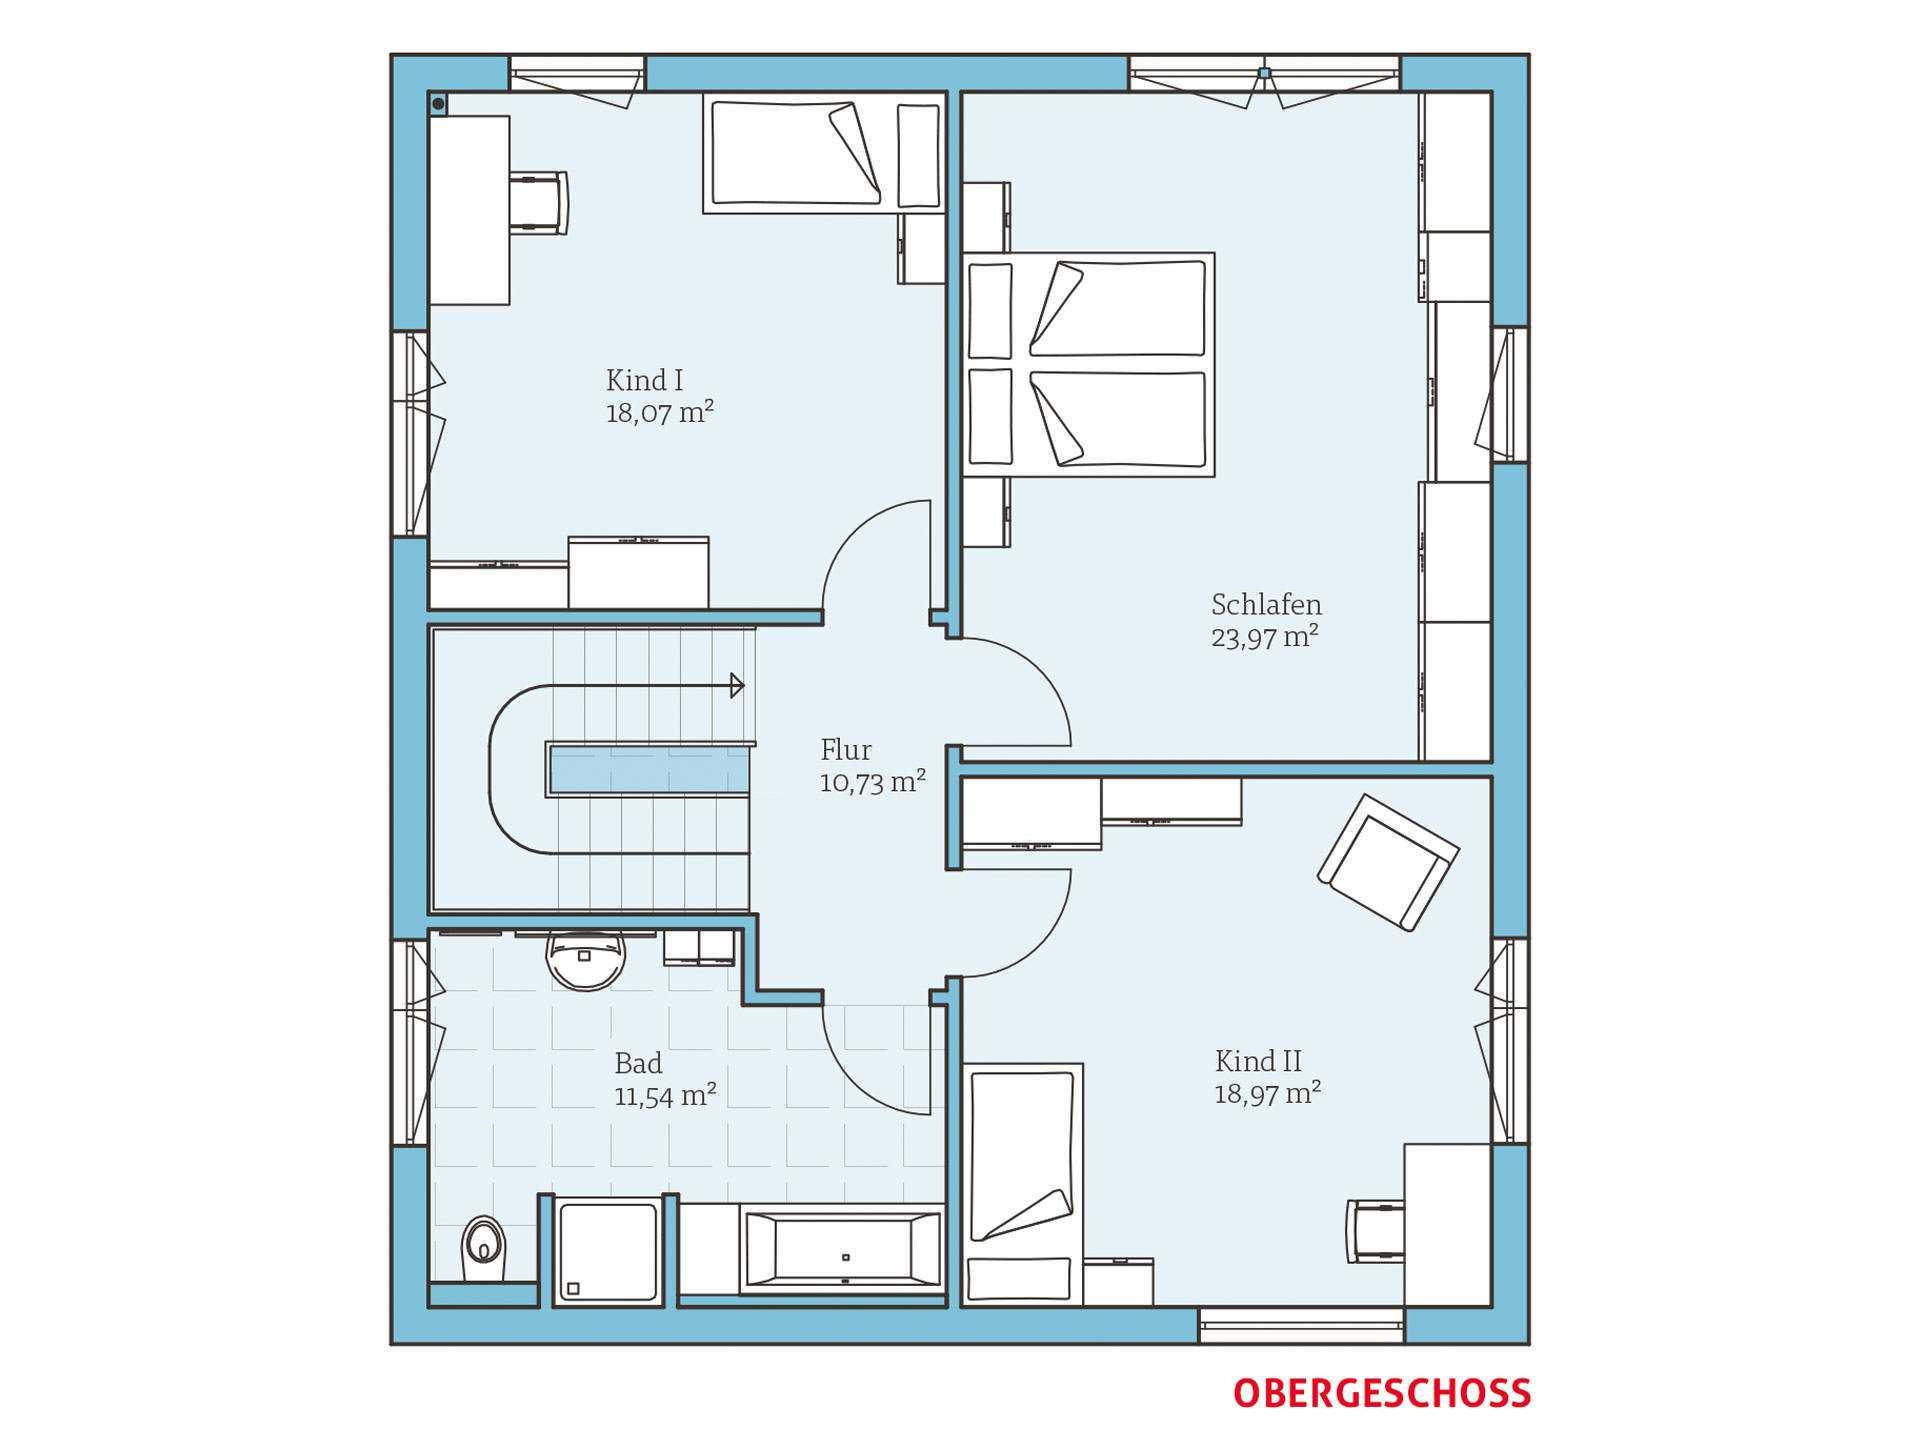 einfamilienhaus bauen hausbeispiele mit grundrissen. Black Bedroom Furniture Sets. Home Design Ideas